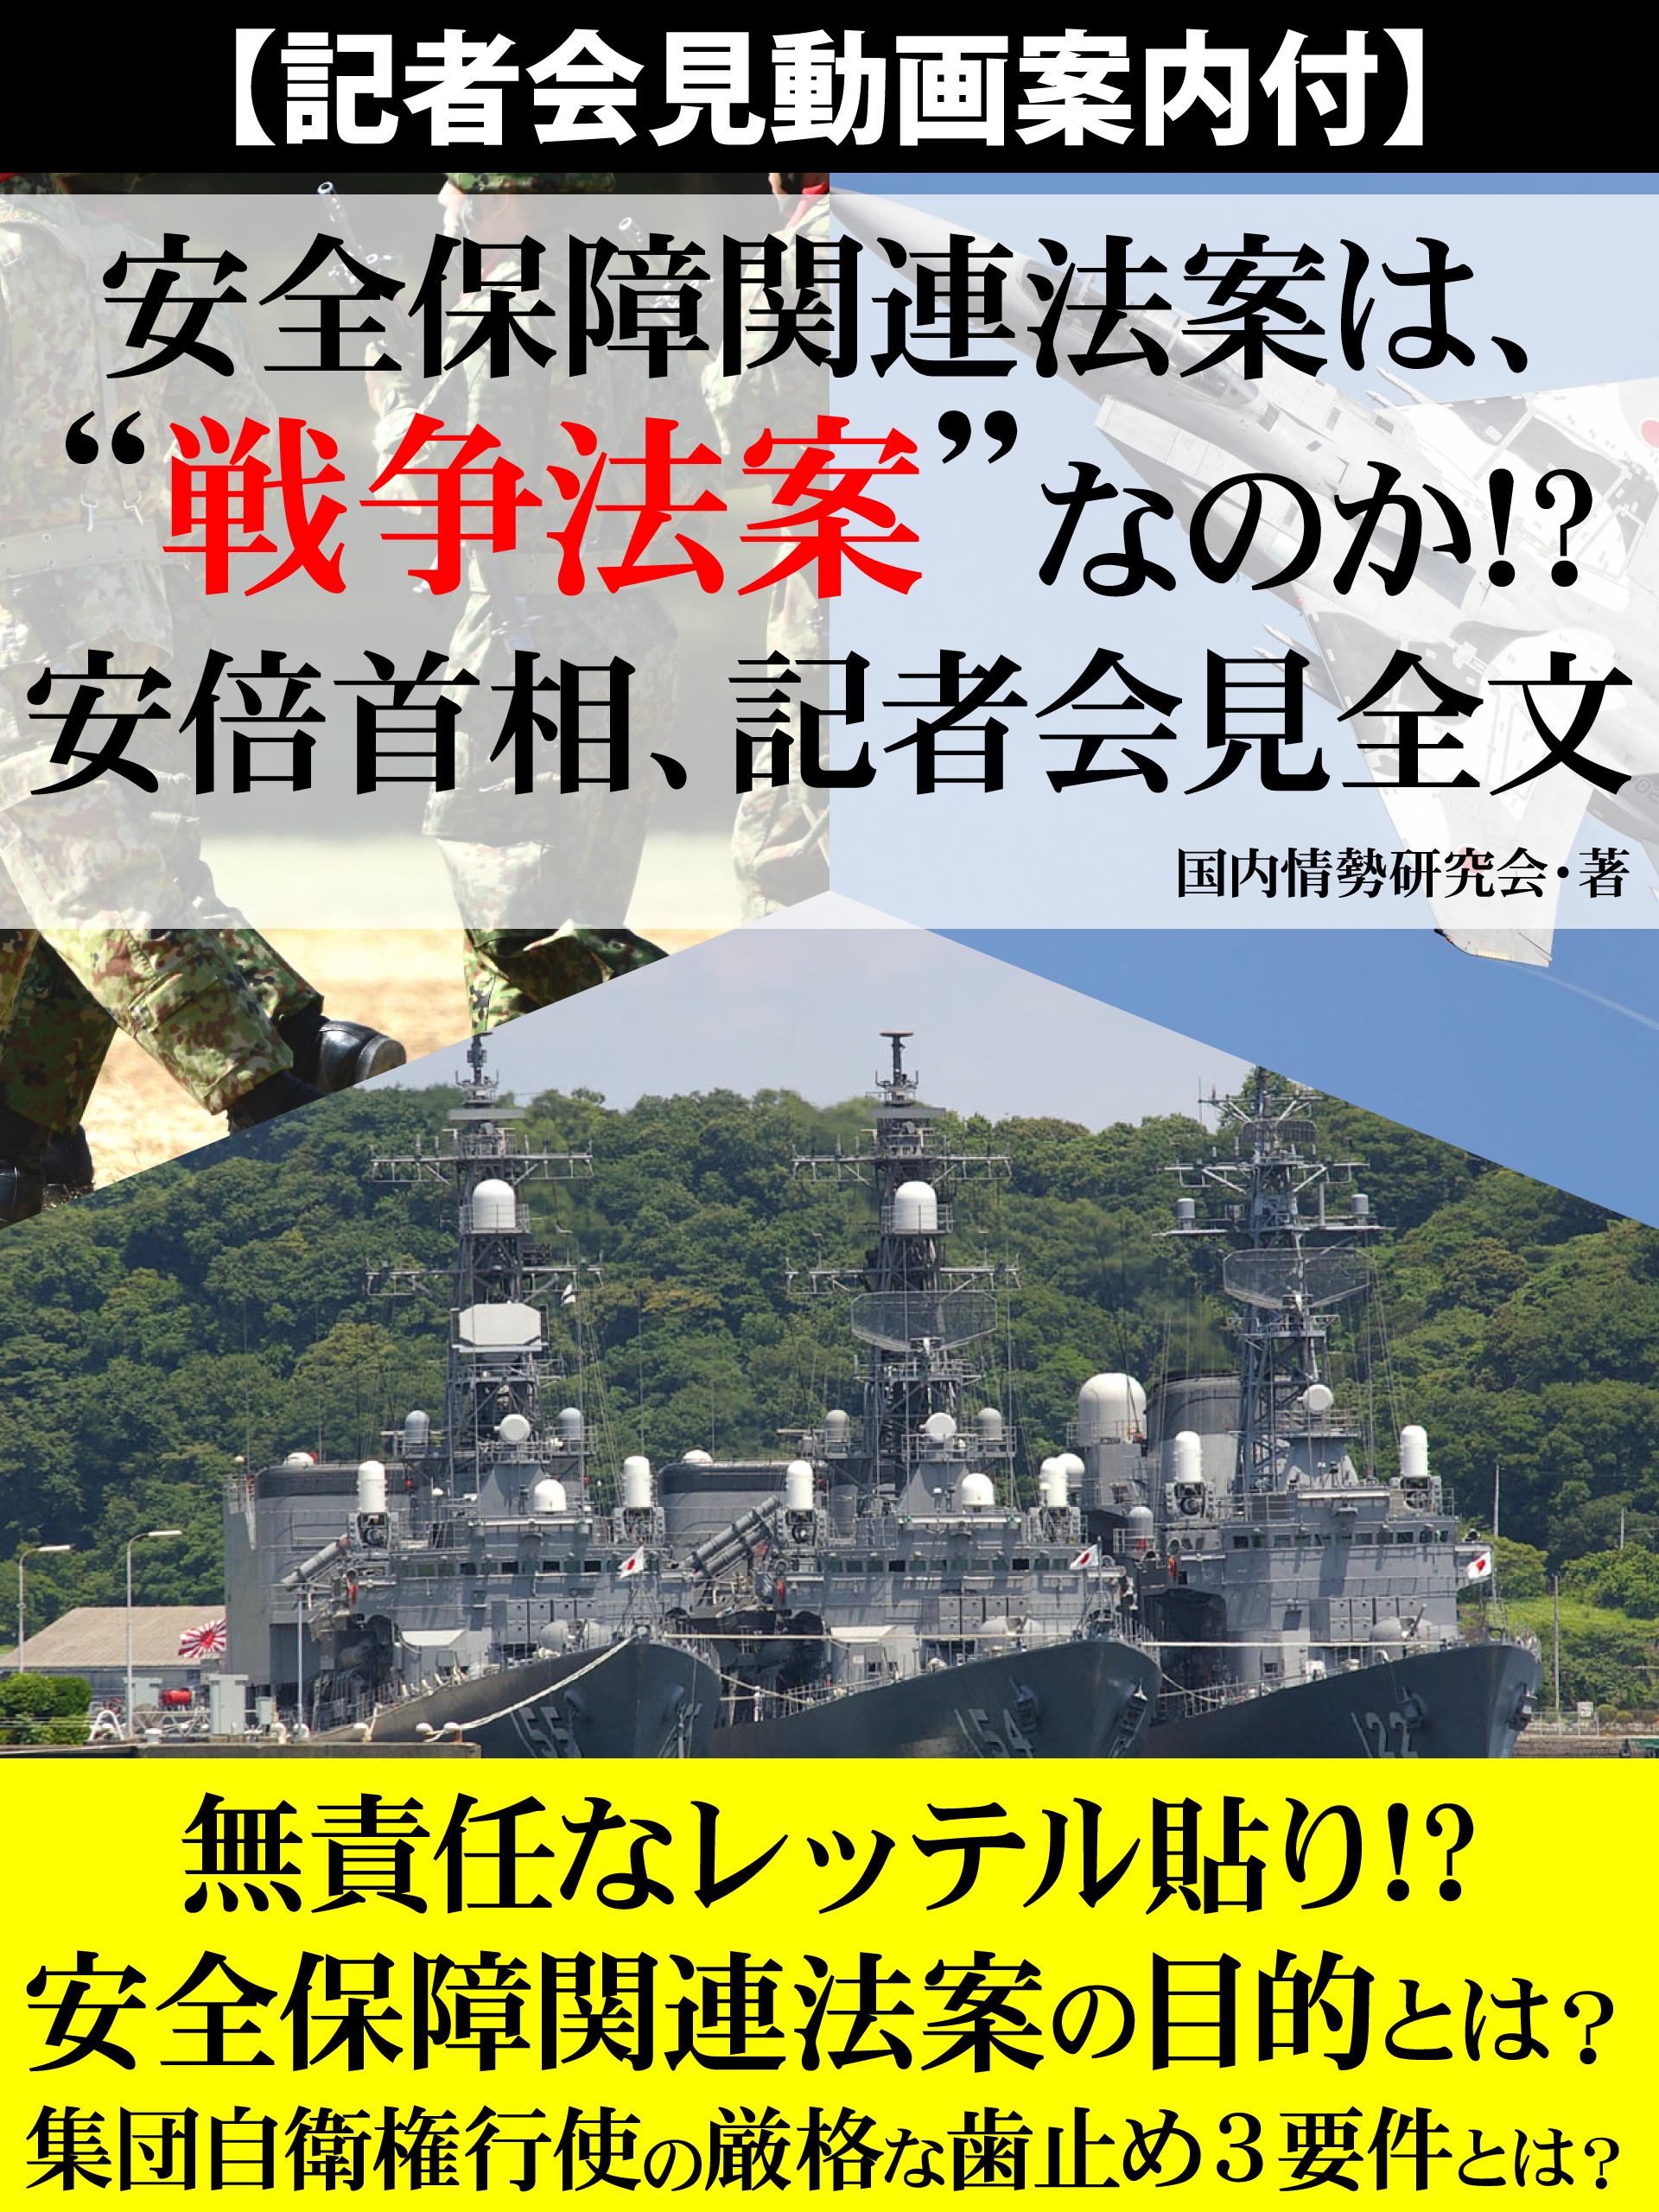 【記者会見動画案内付】安全保障関連法案は、戦争法案なのか!? 安倍首相、記者会見全文